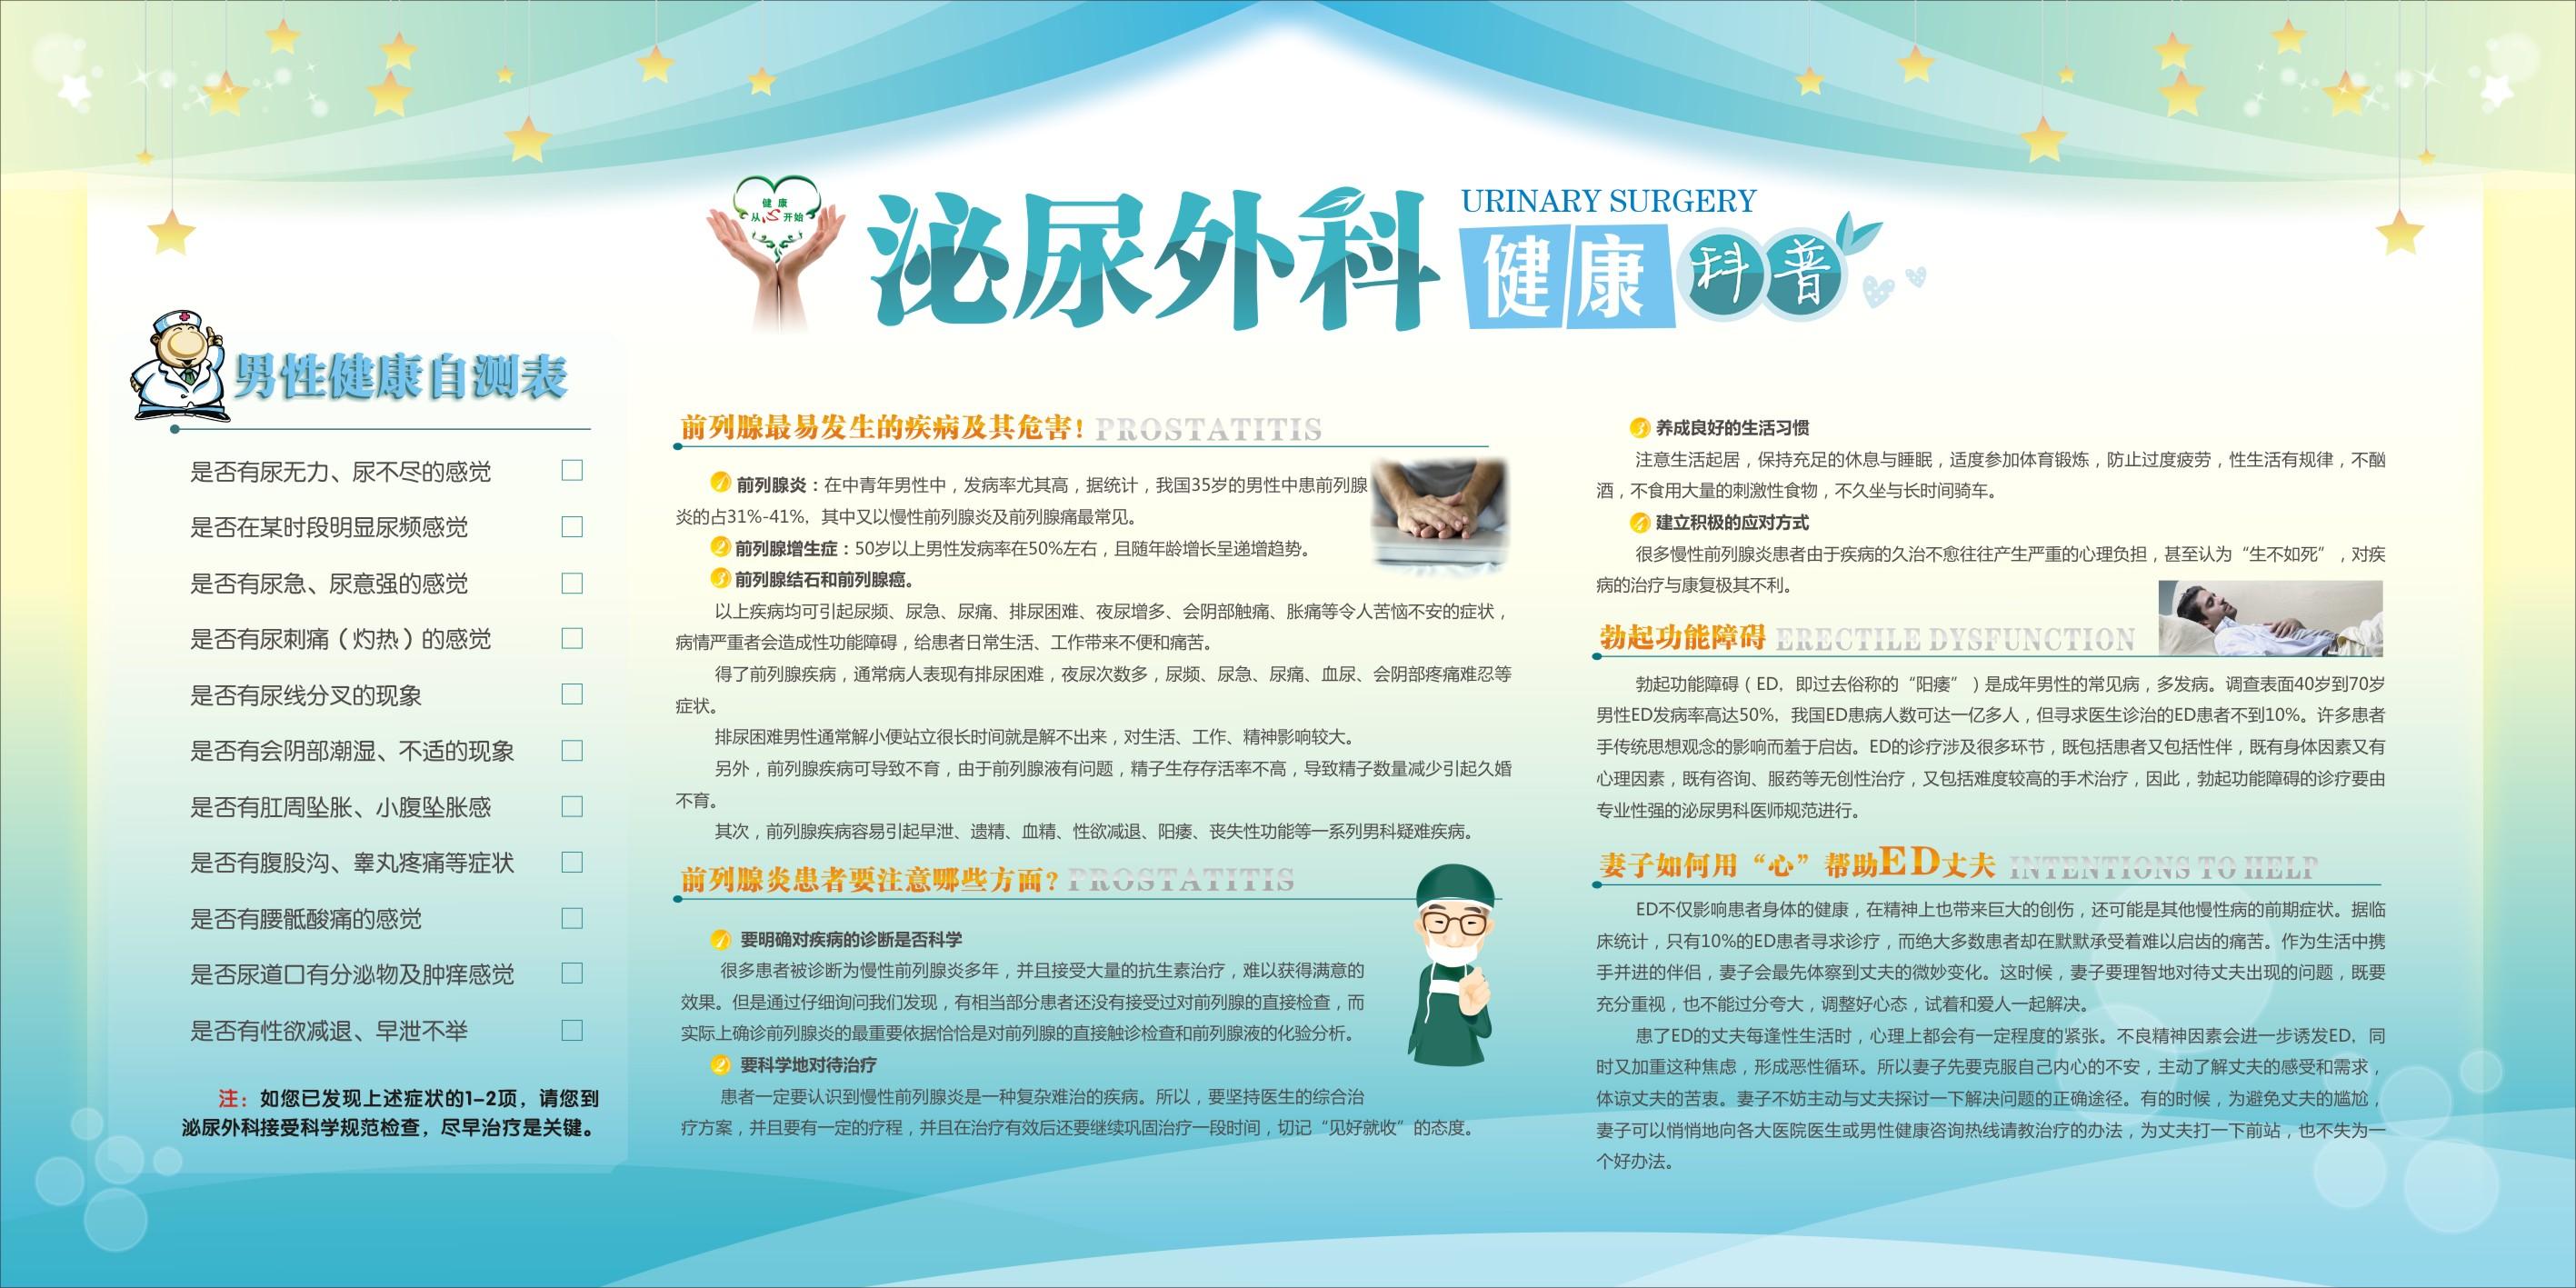 泌尿外科宣传栏 泌尿外科健康教育